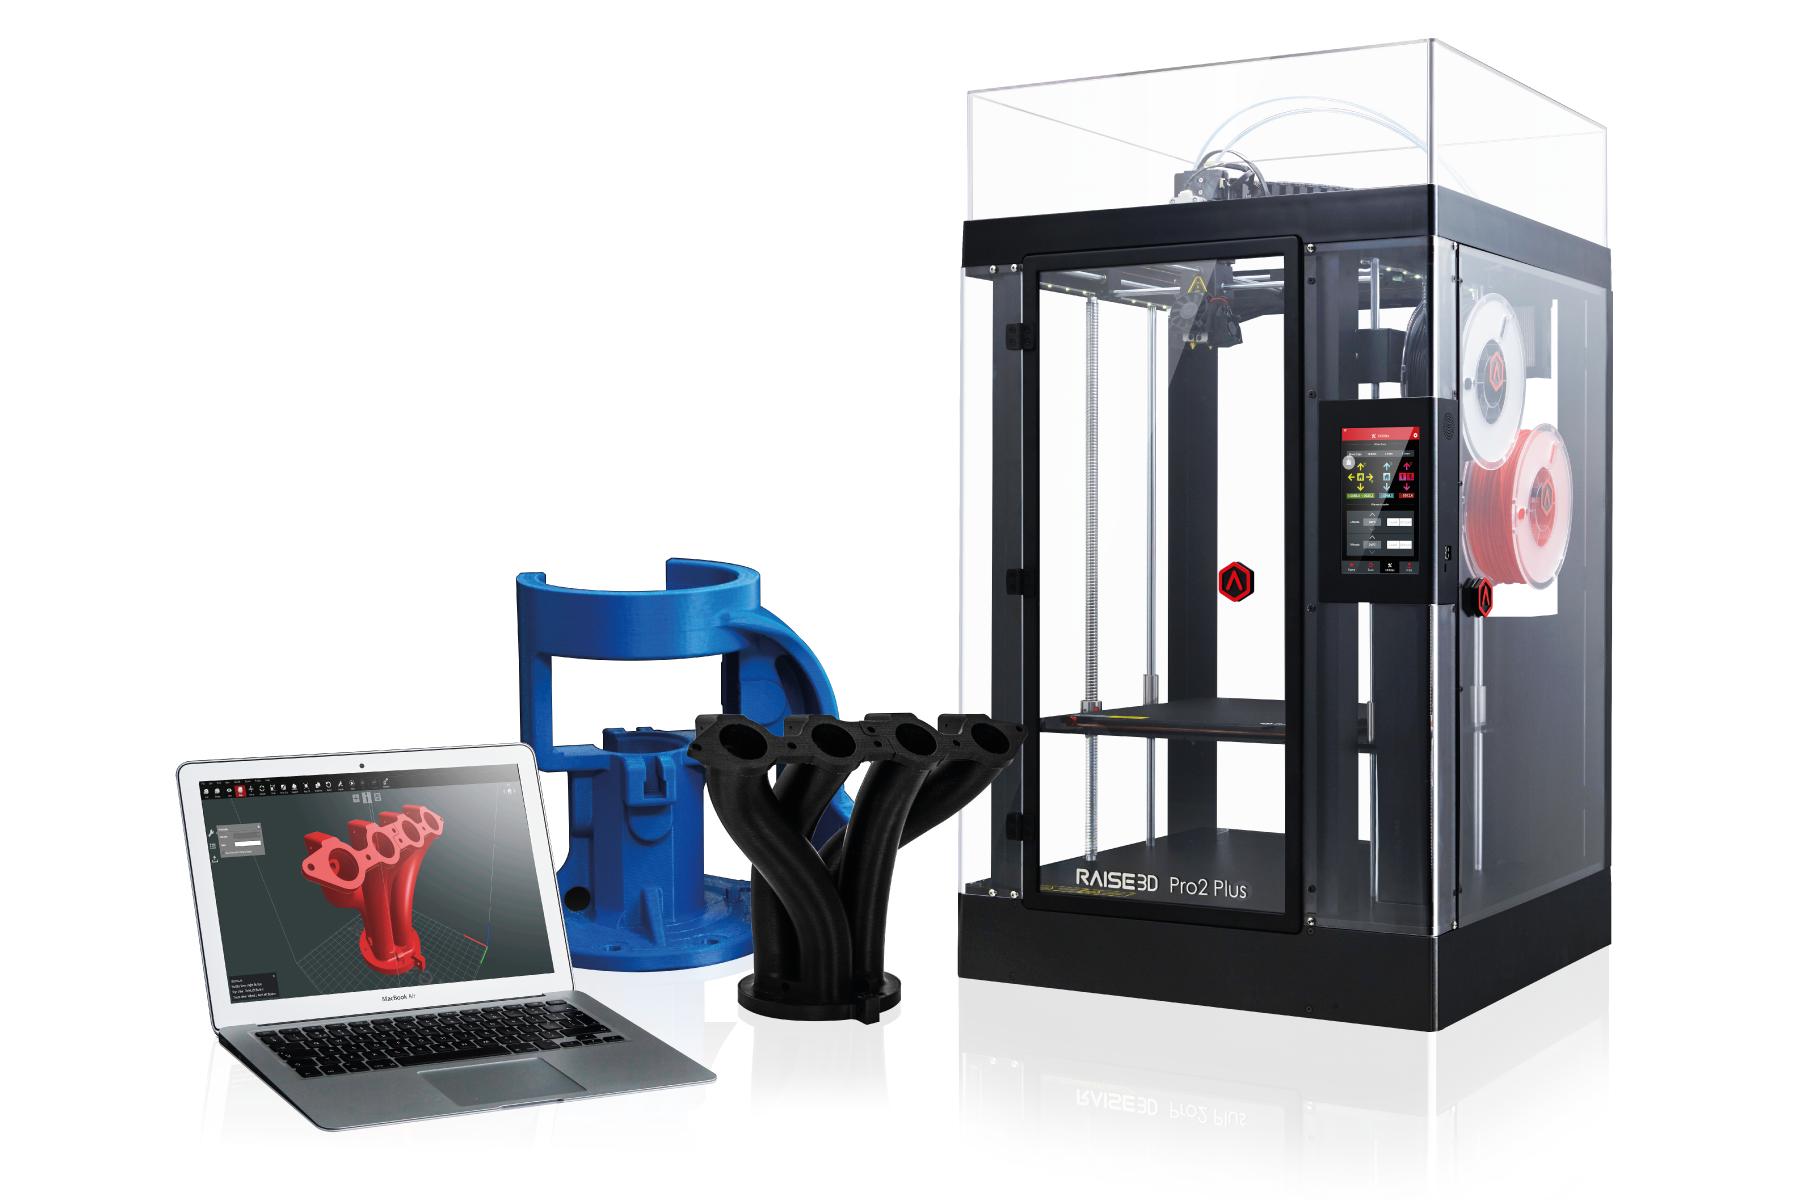 Imprimante 3D Raise3D Pro2 Plus - grand format